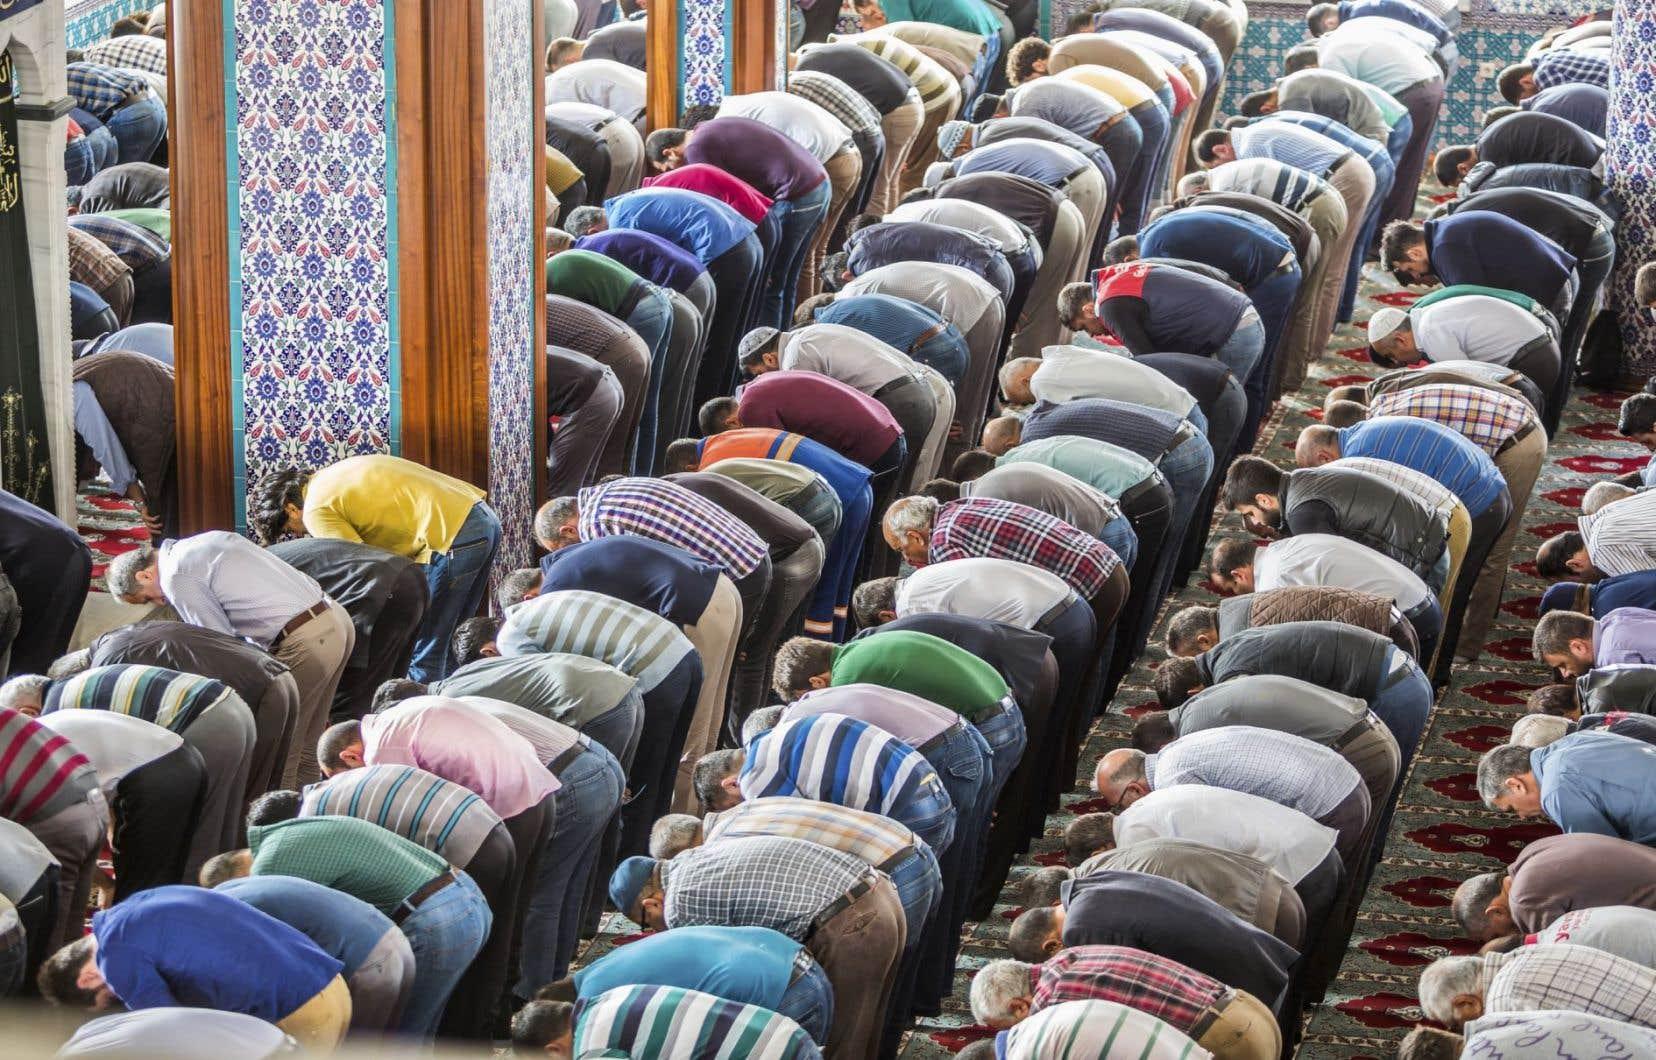 L'accusation d'islamophobie est utilisée ici comme épouvantail qui vise à étouffer les critiques.